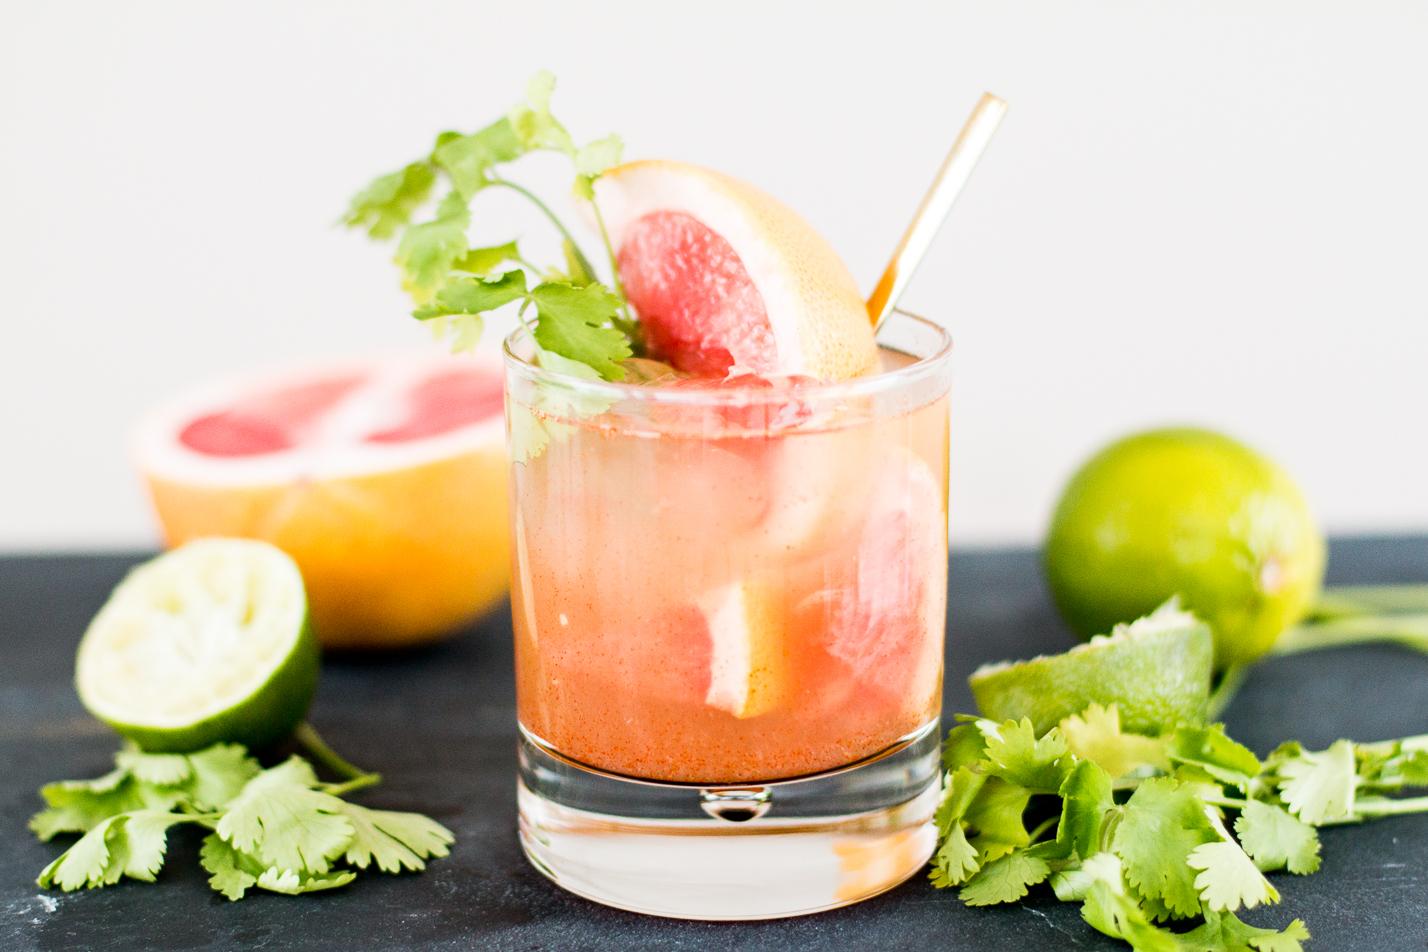 spicy-mexican-lemonade-recipe-16